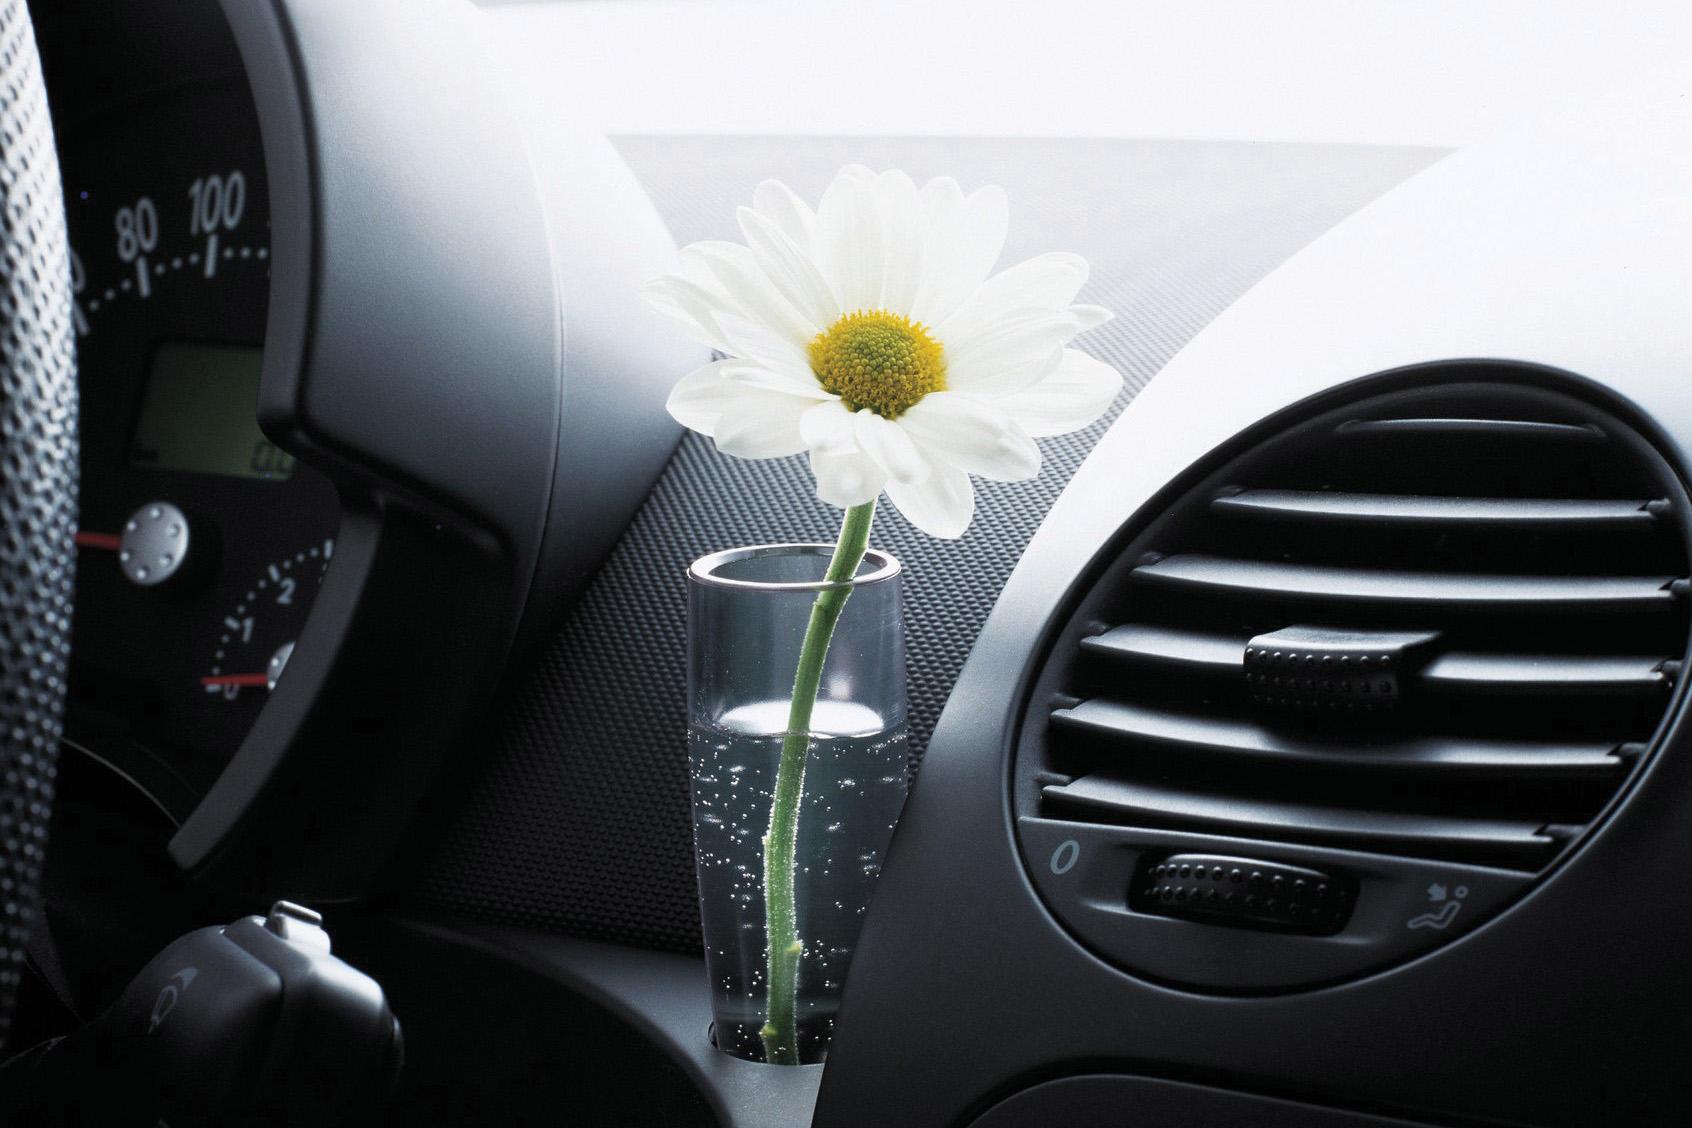 Vaso com flor no New Beetle